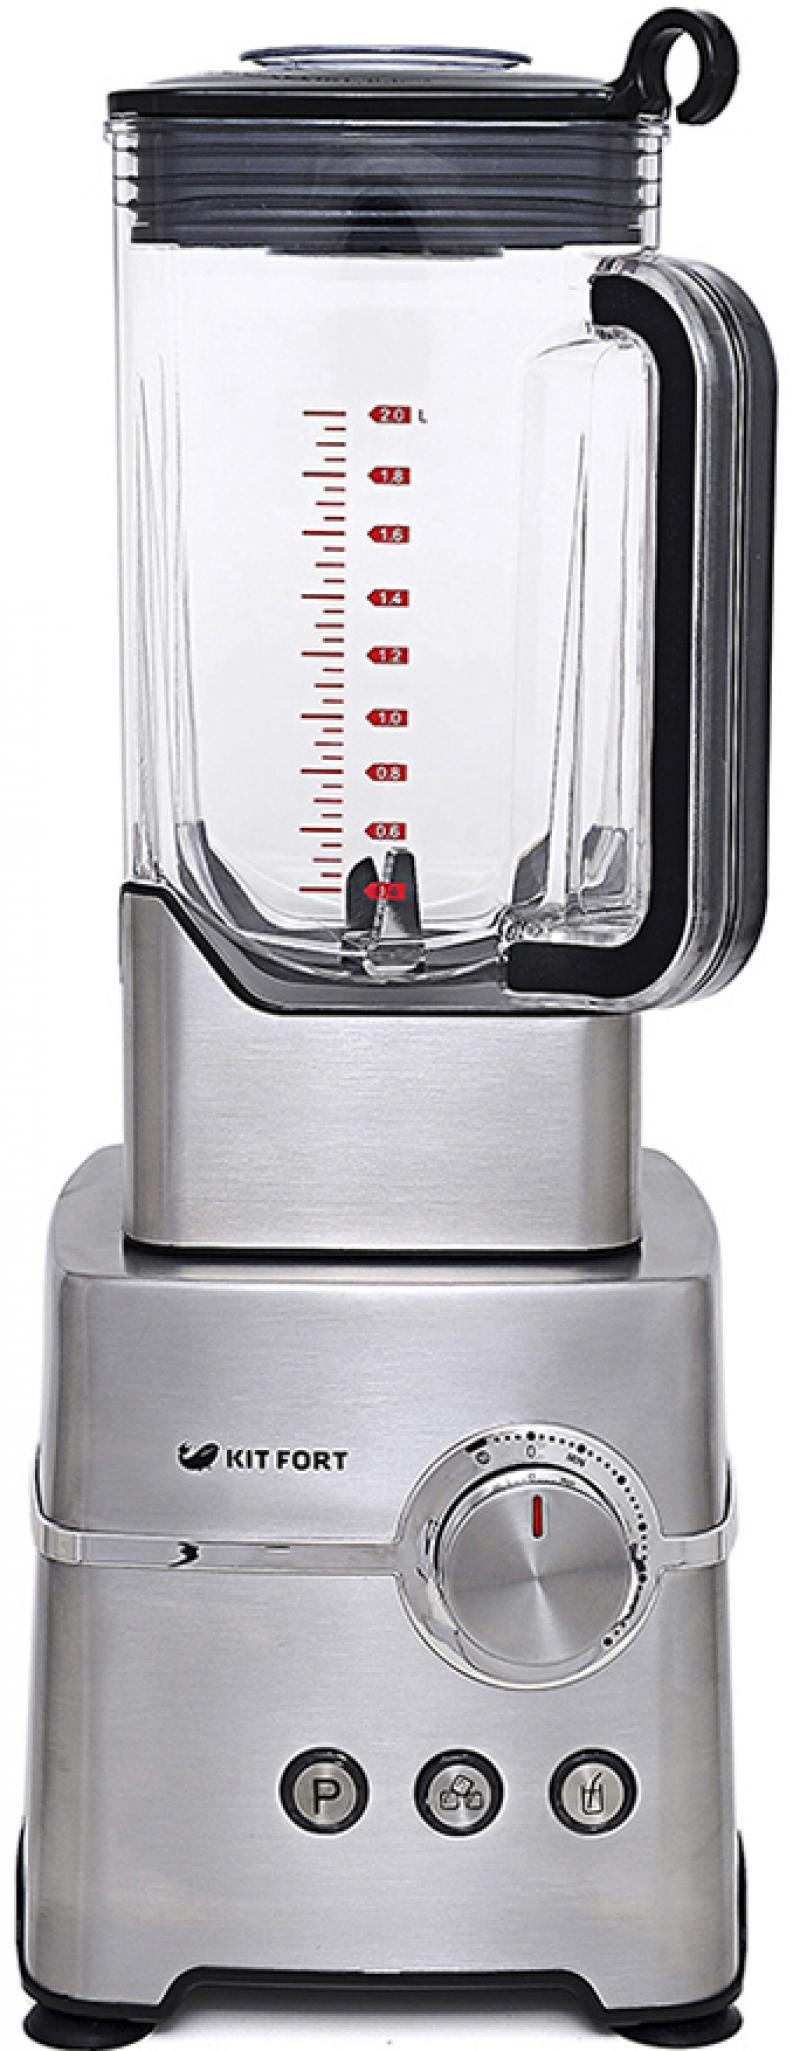 Блендер стационарный KITFORT КТ-1310 2000Вт серебристый посуда кухонная